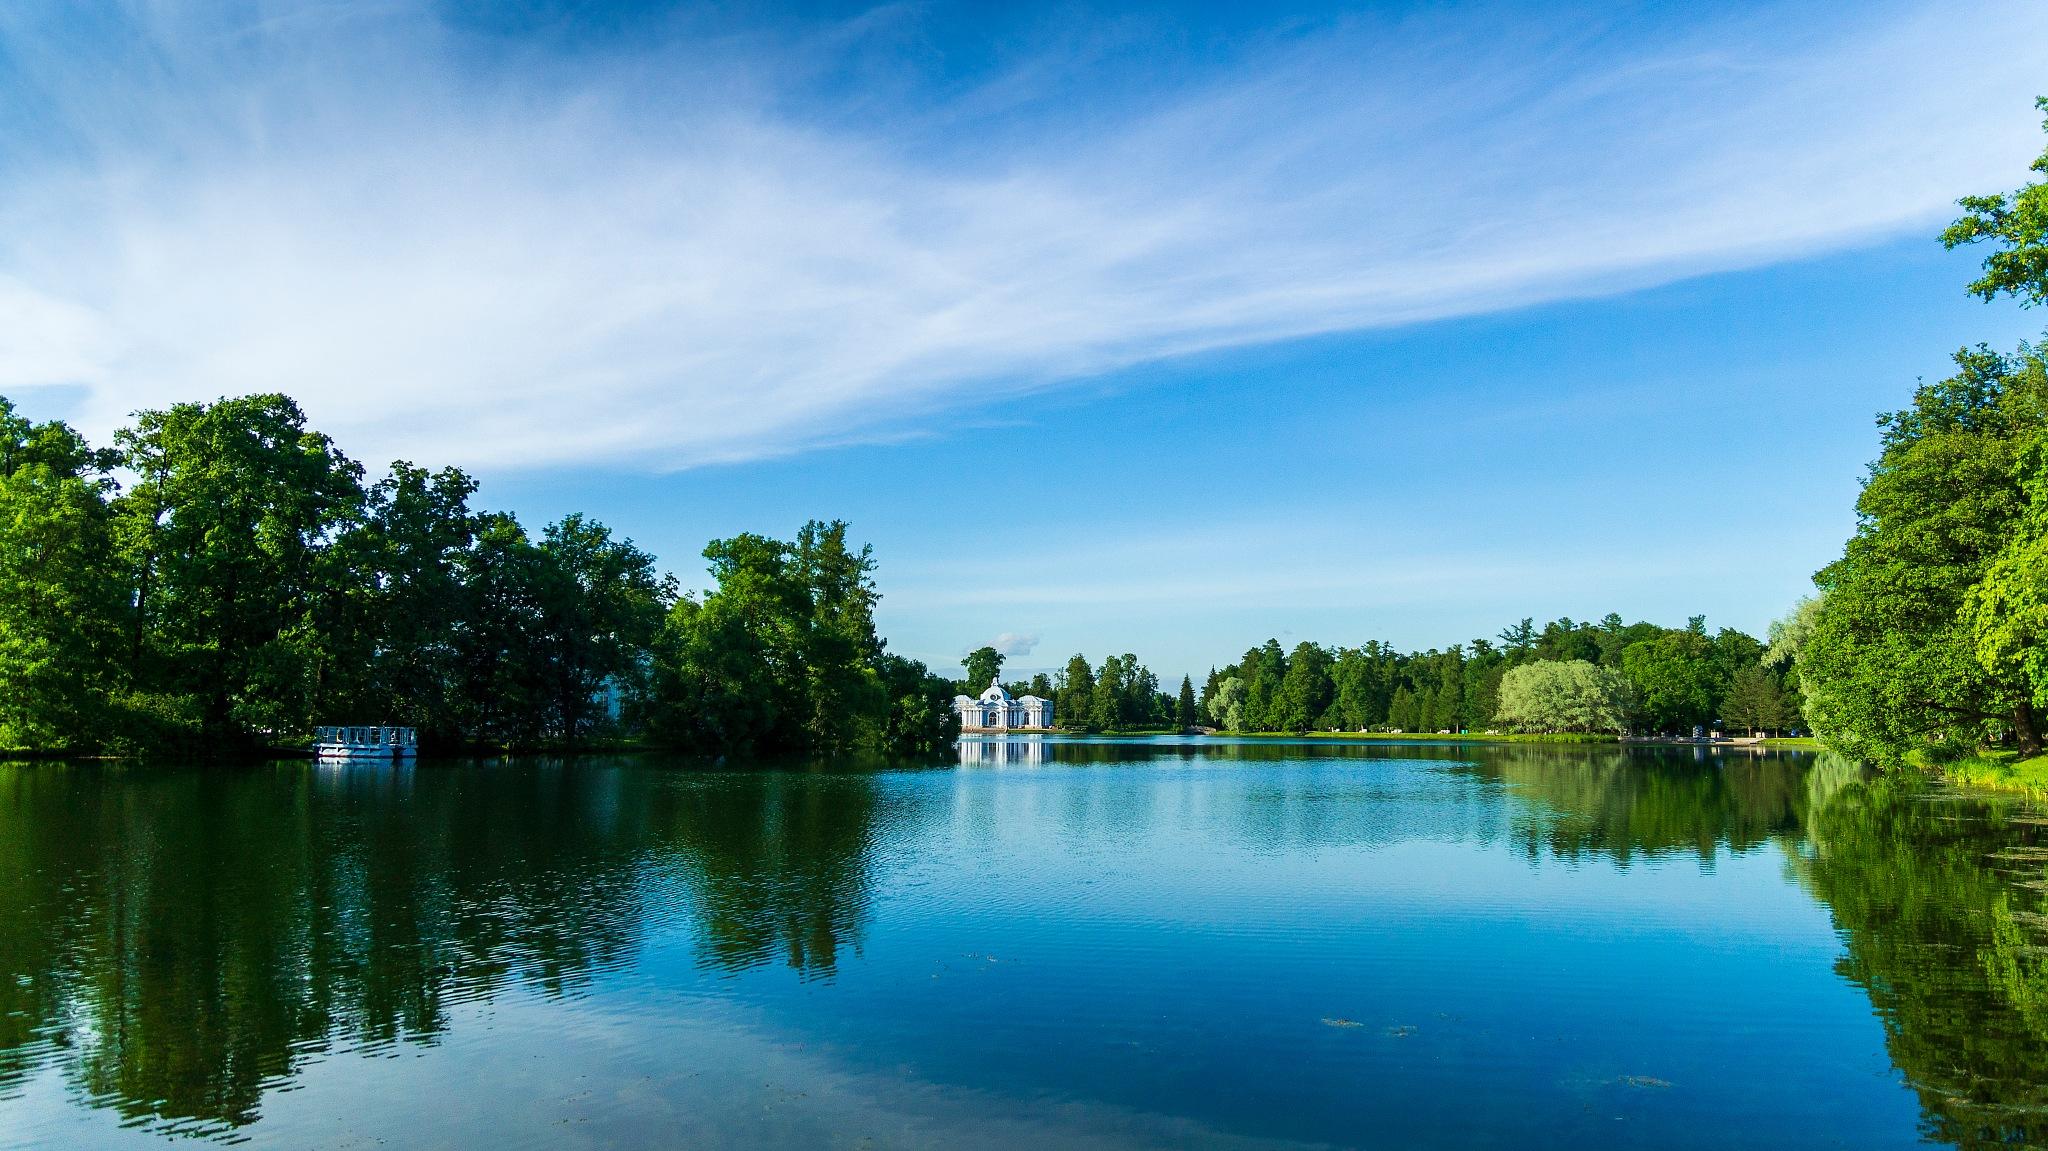 Summer lake by Alik